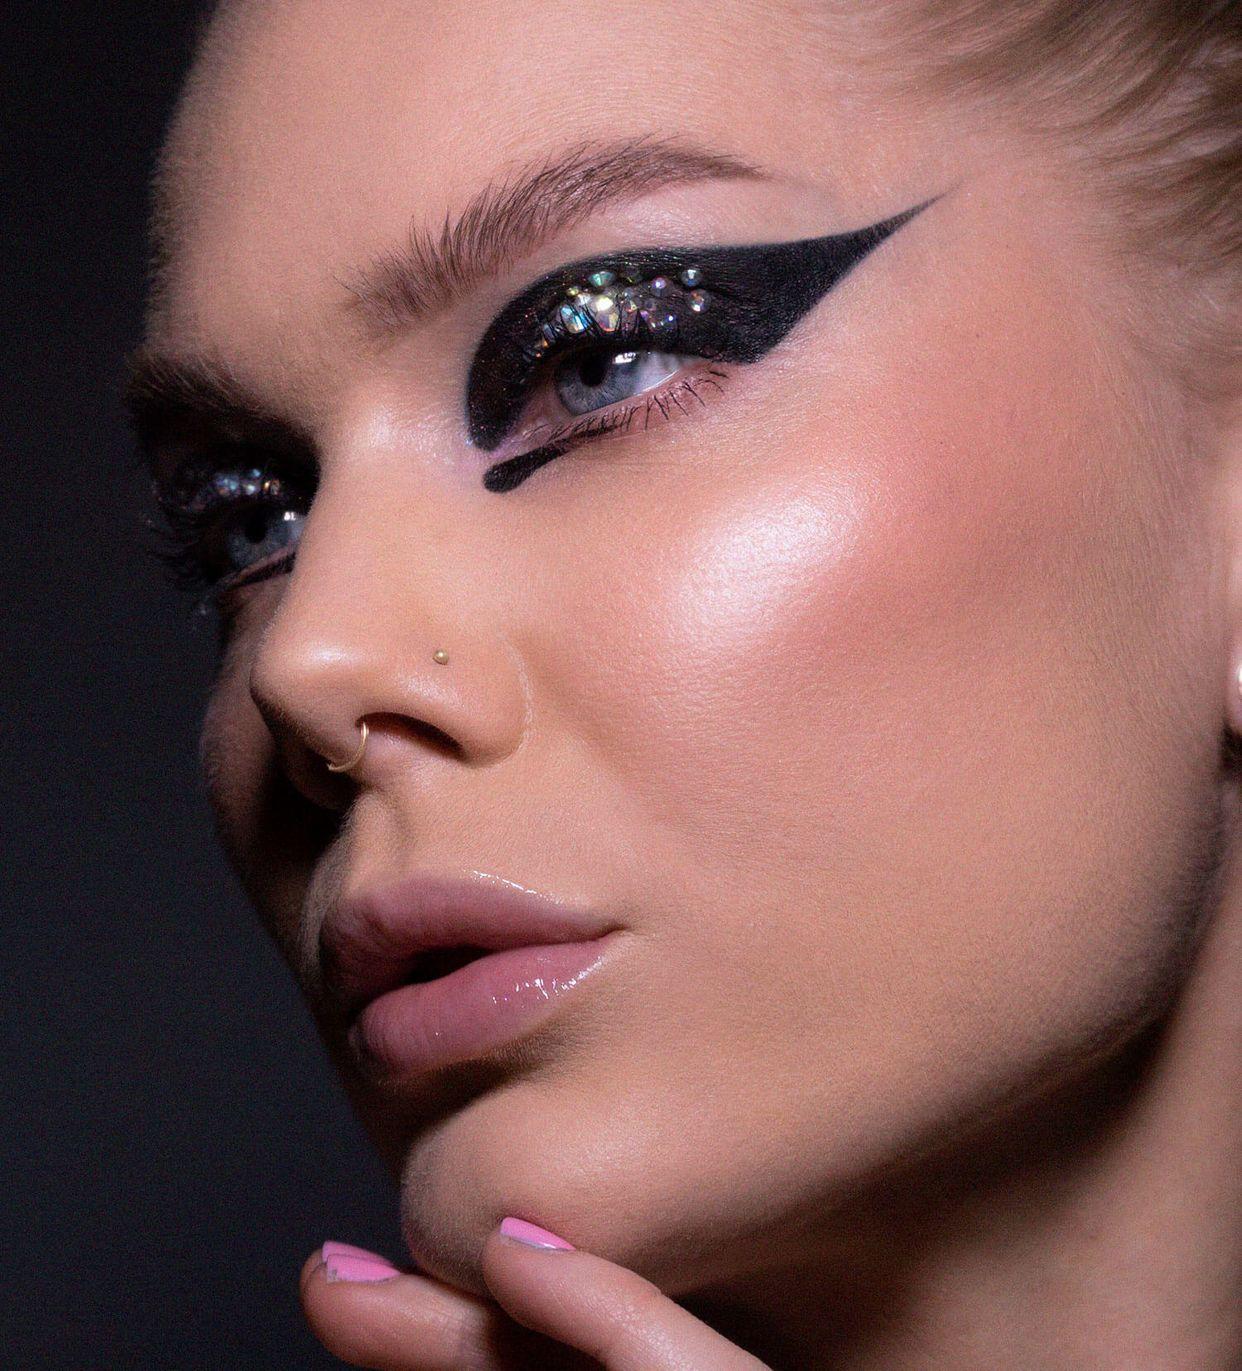 Todays look | Rusty - Linda Hallberg | Makeup looks, Melt